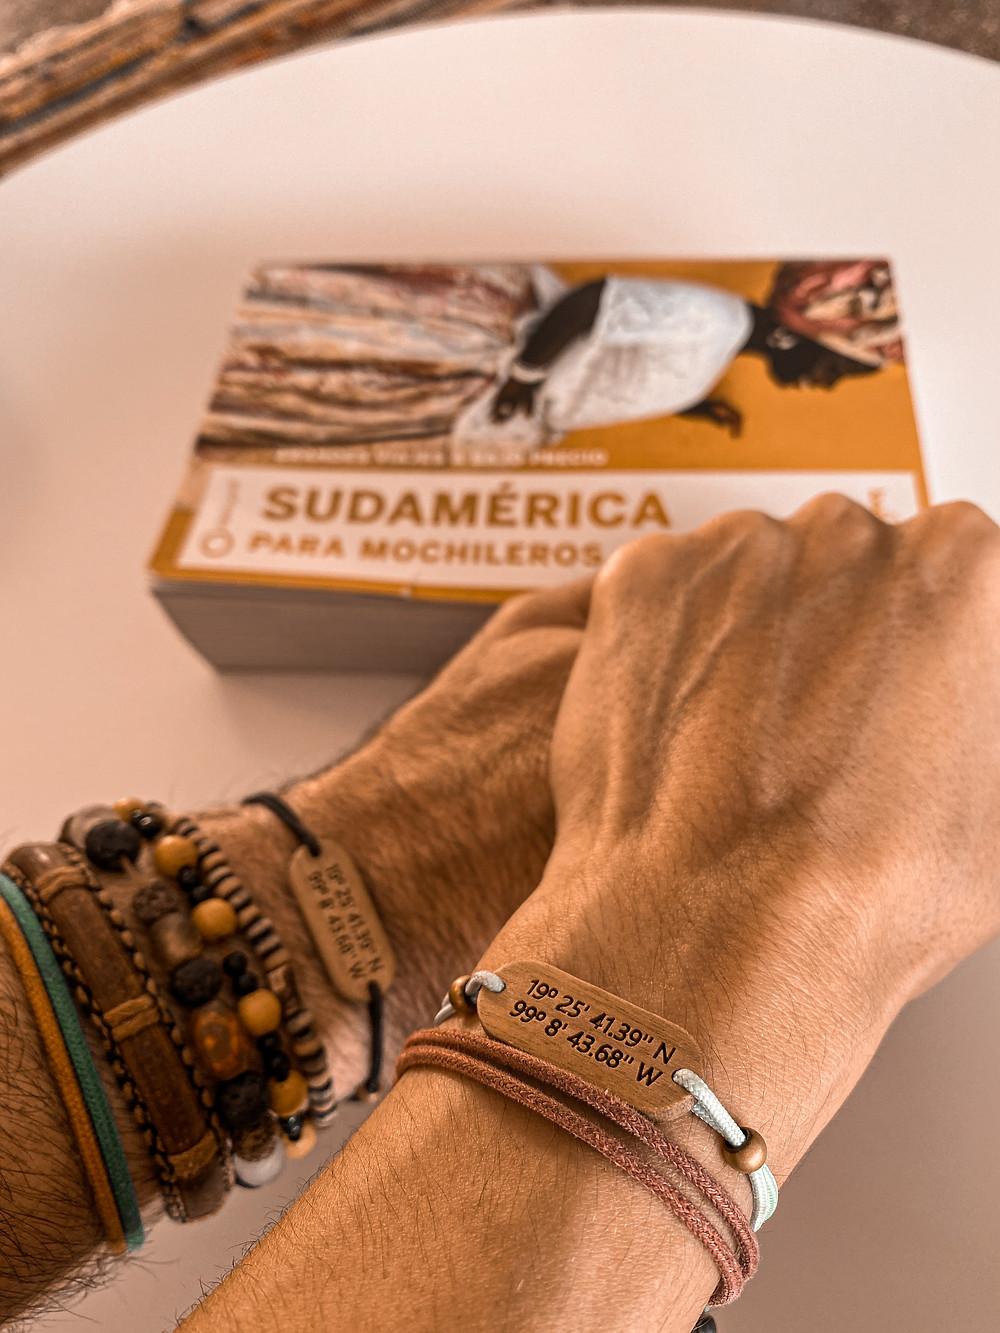 Sudamérica, pulseras, viaje, cuento, año sabático, historias, mochileros